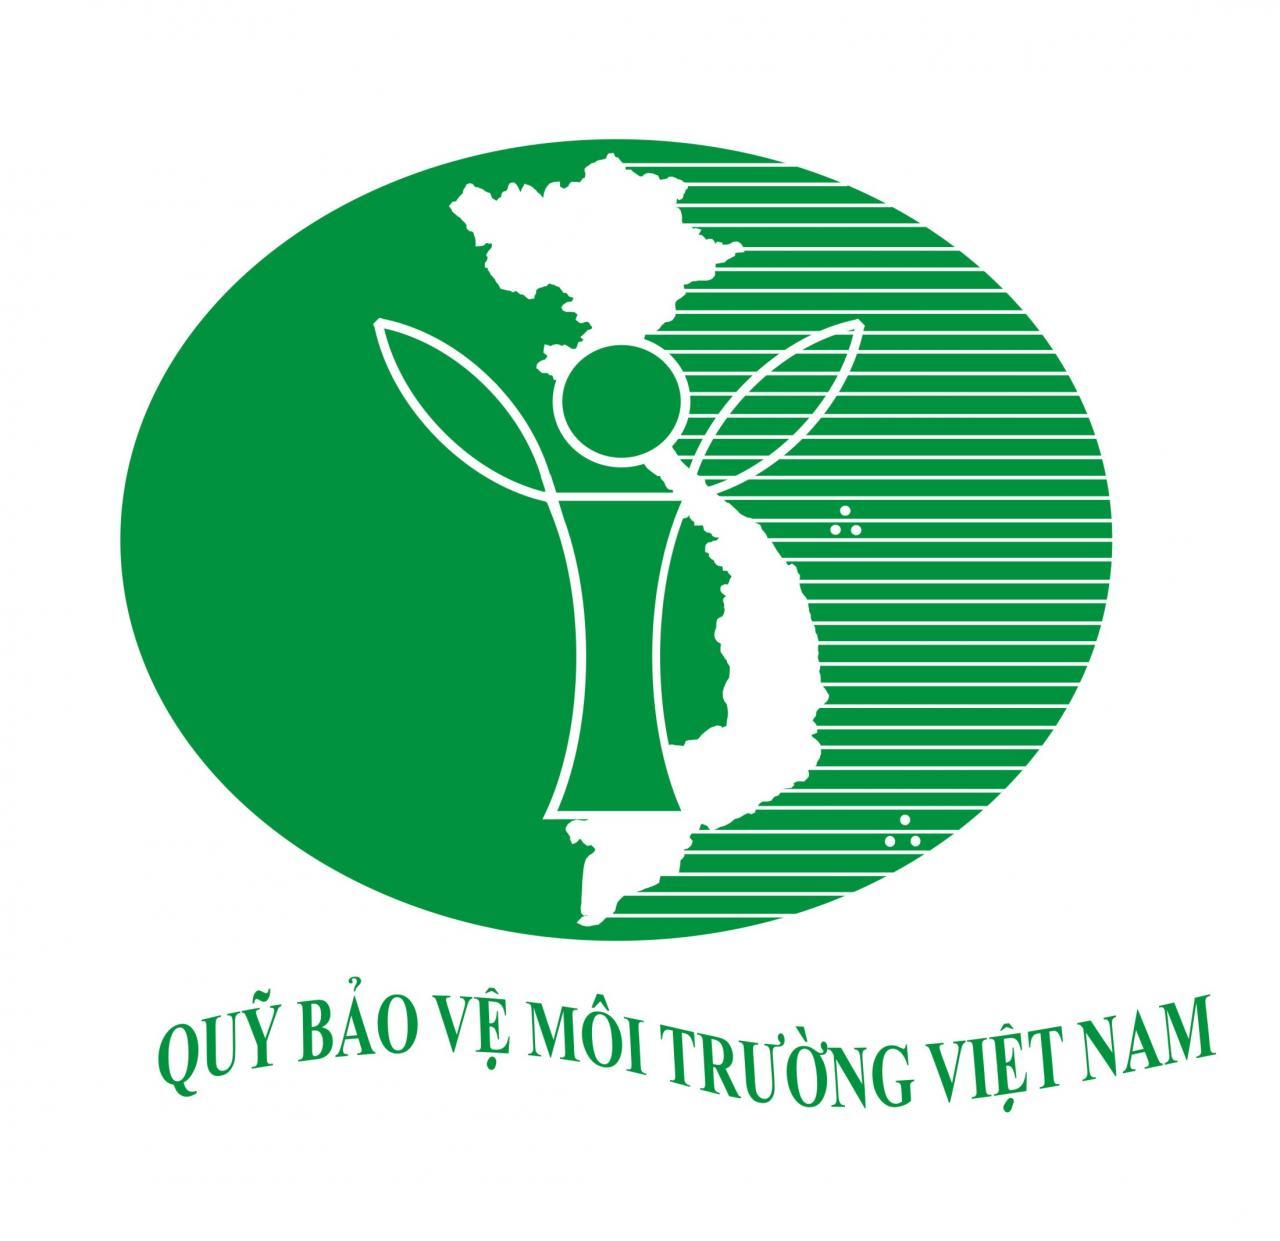 Thành lập Quỹ Bảo vệ môi trường tỉnh